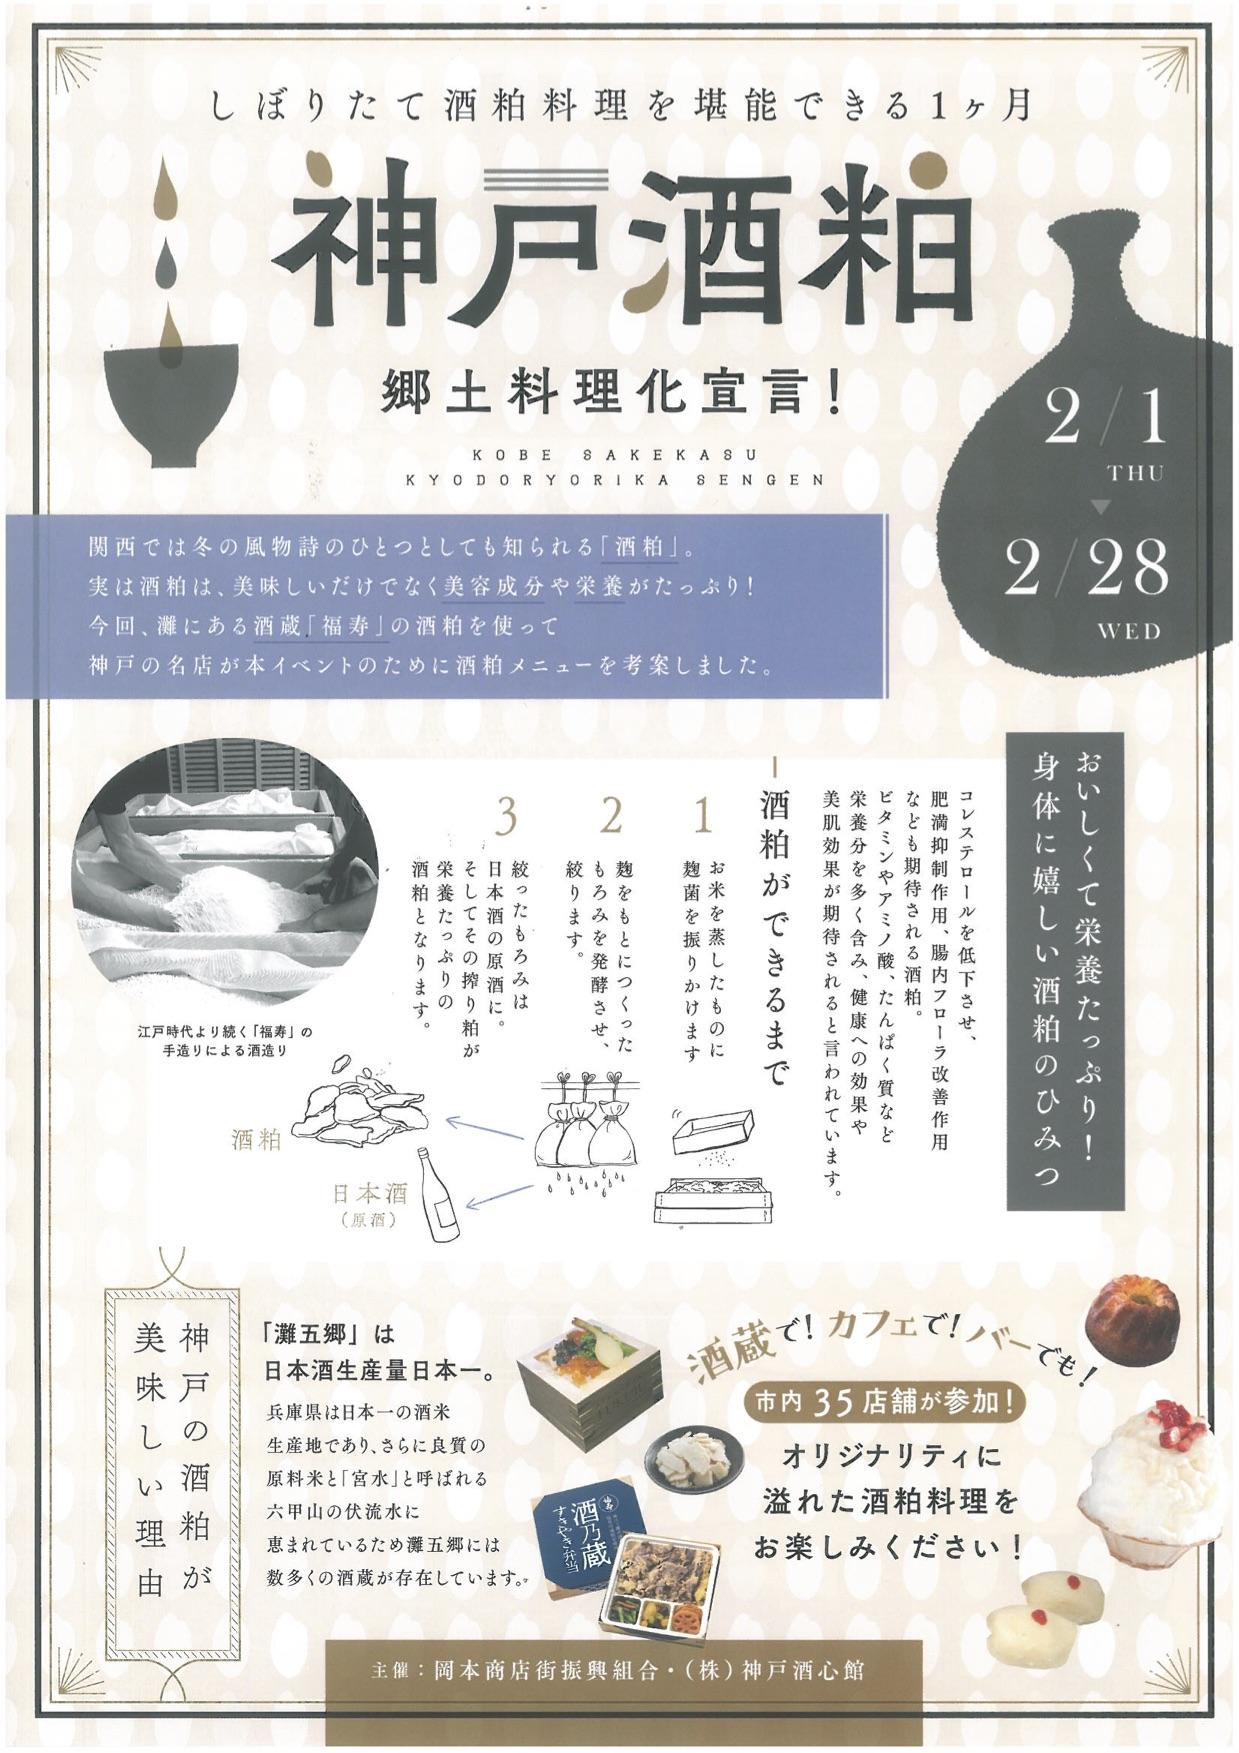 『神戸酒粕 郷土料理化宣言!』が始まります